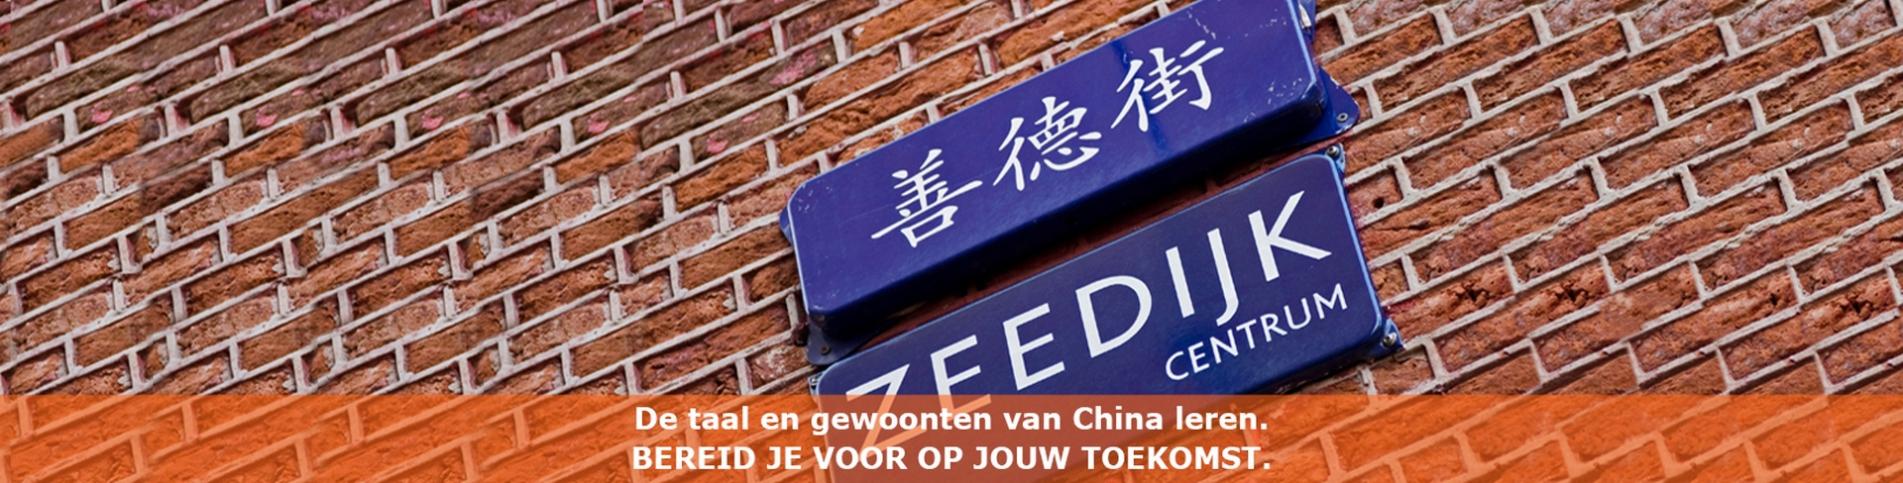 Chinese taal leren les lessen cursus chinees Het Gooi Baarn Eemnes Laren Blaricum Hilversum Almere